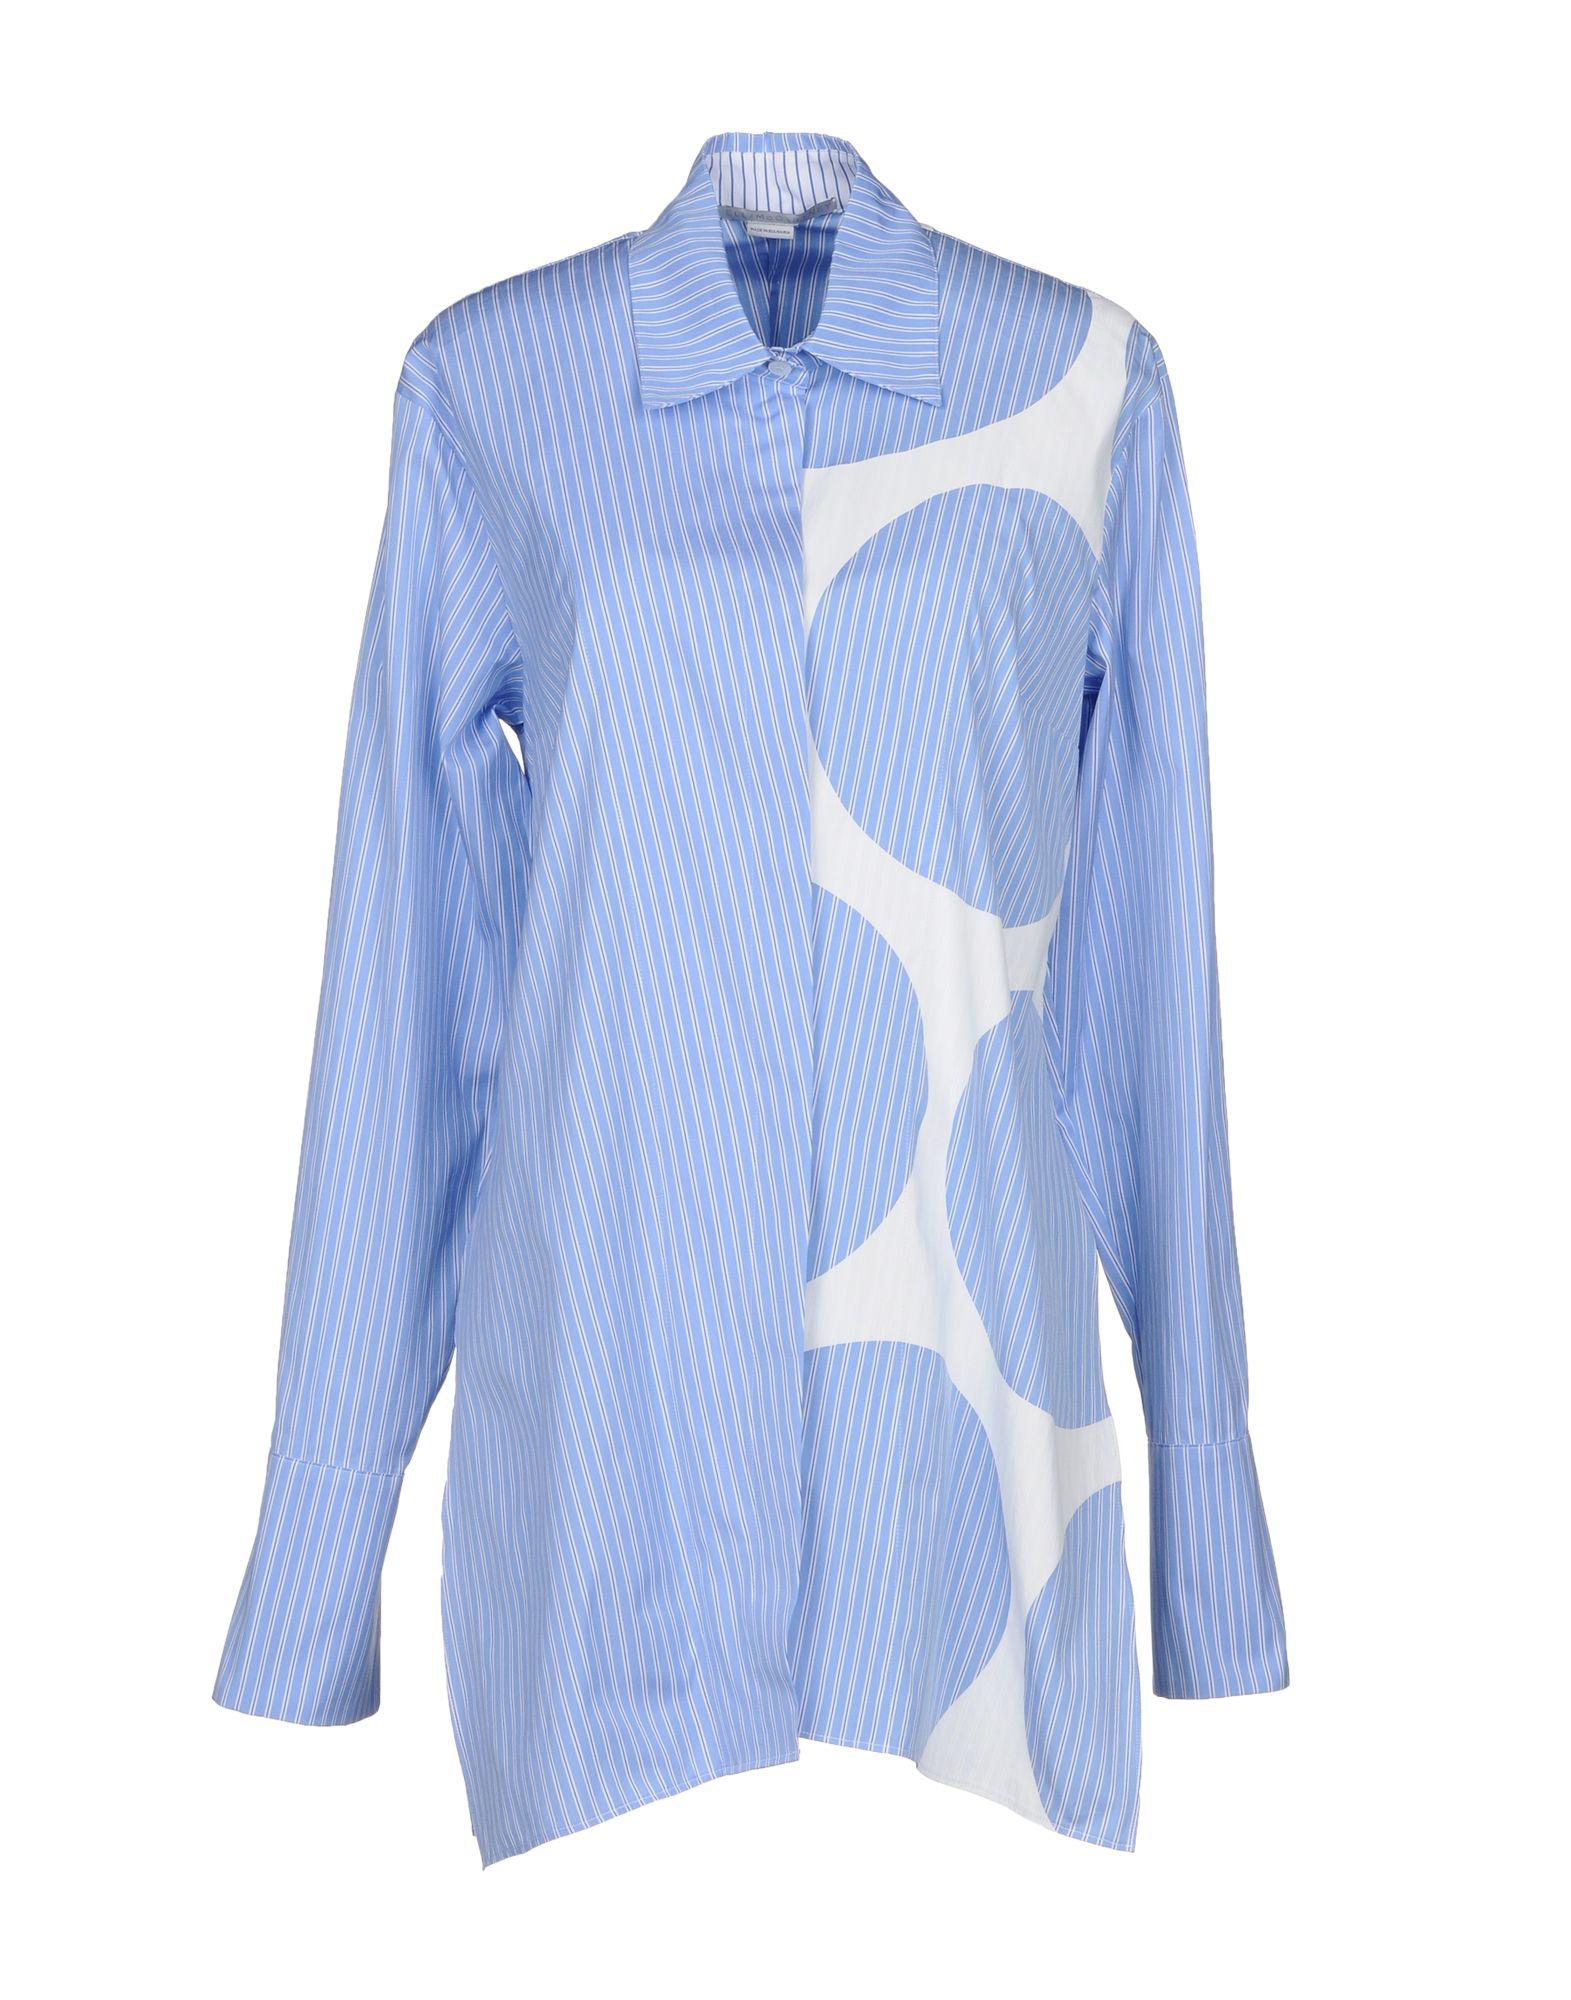 Camicia A Righe Stella Mccartney Donna - Acquista online su JalY5kmi2k